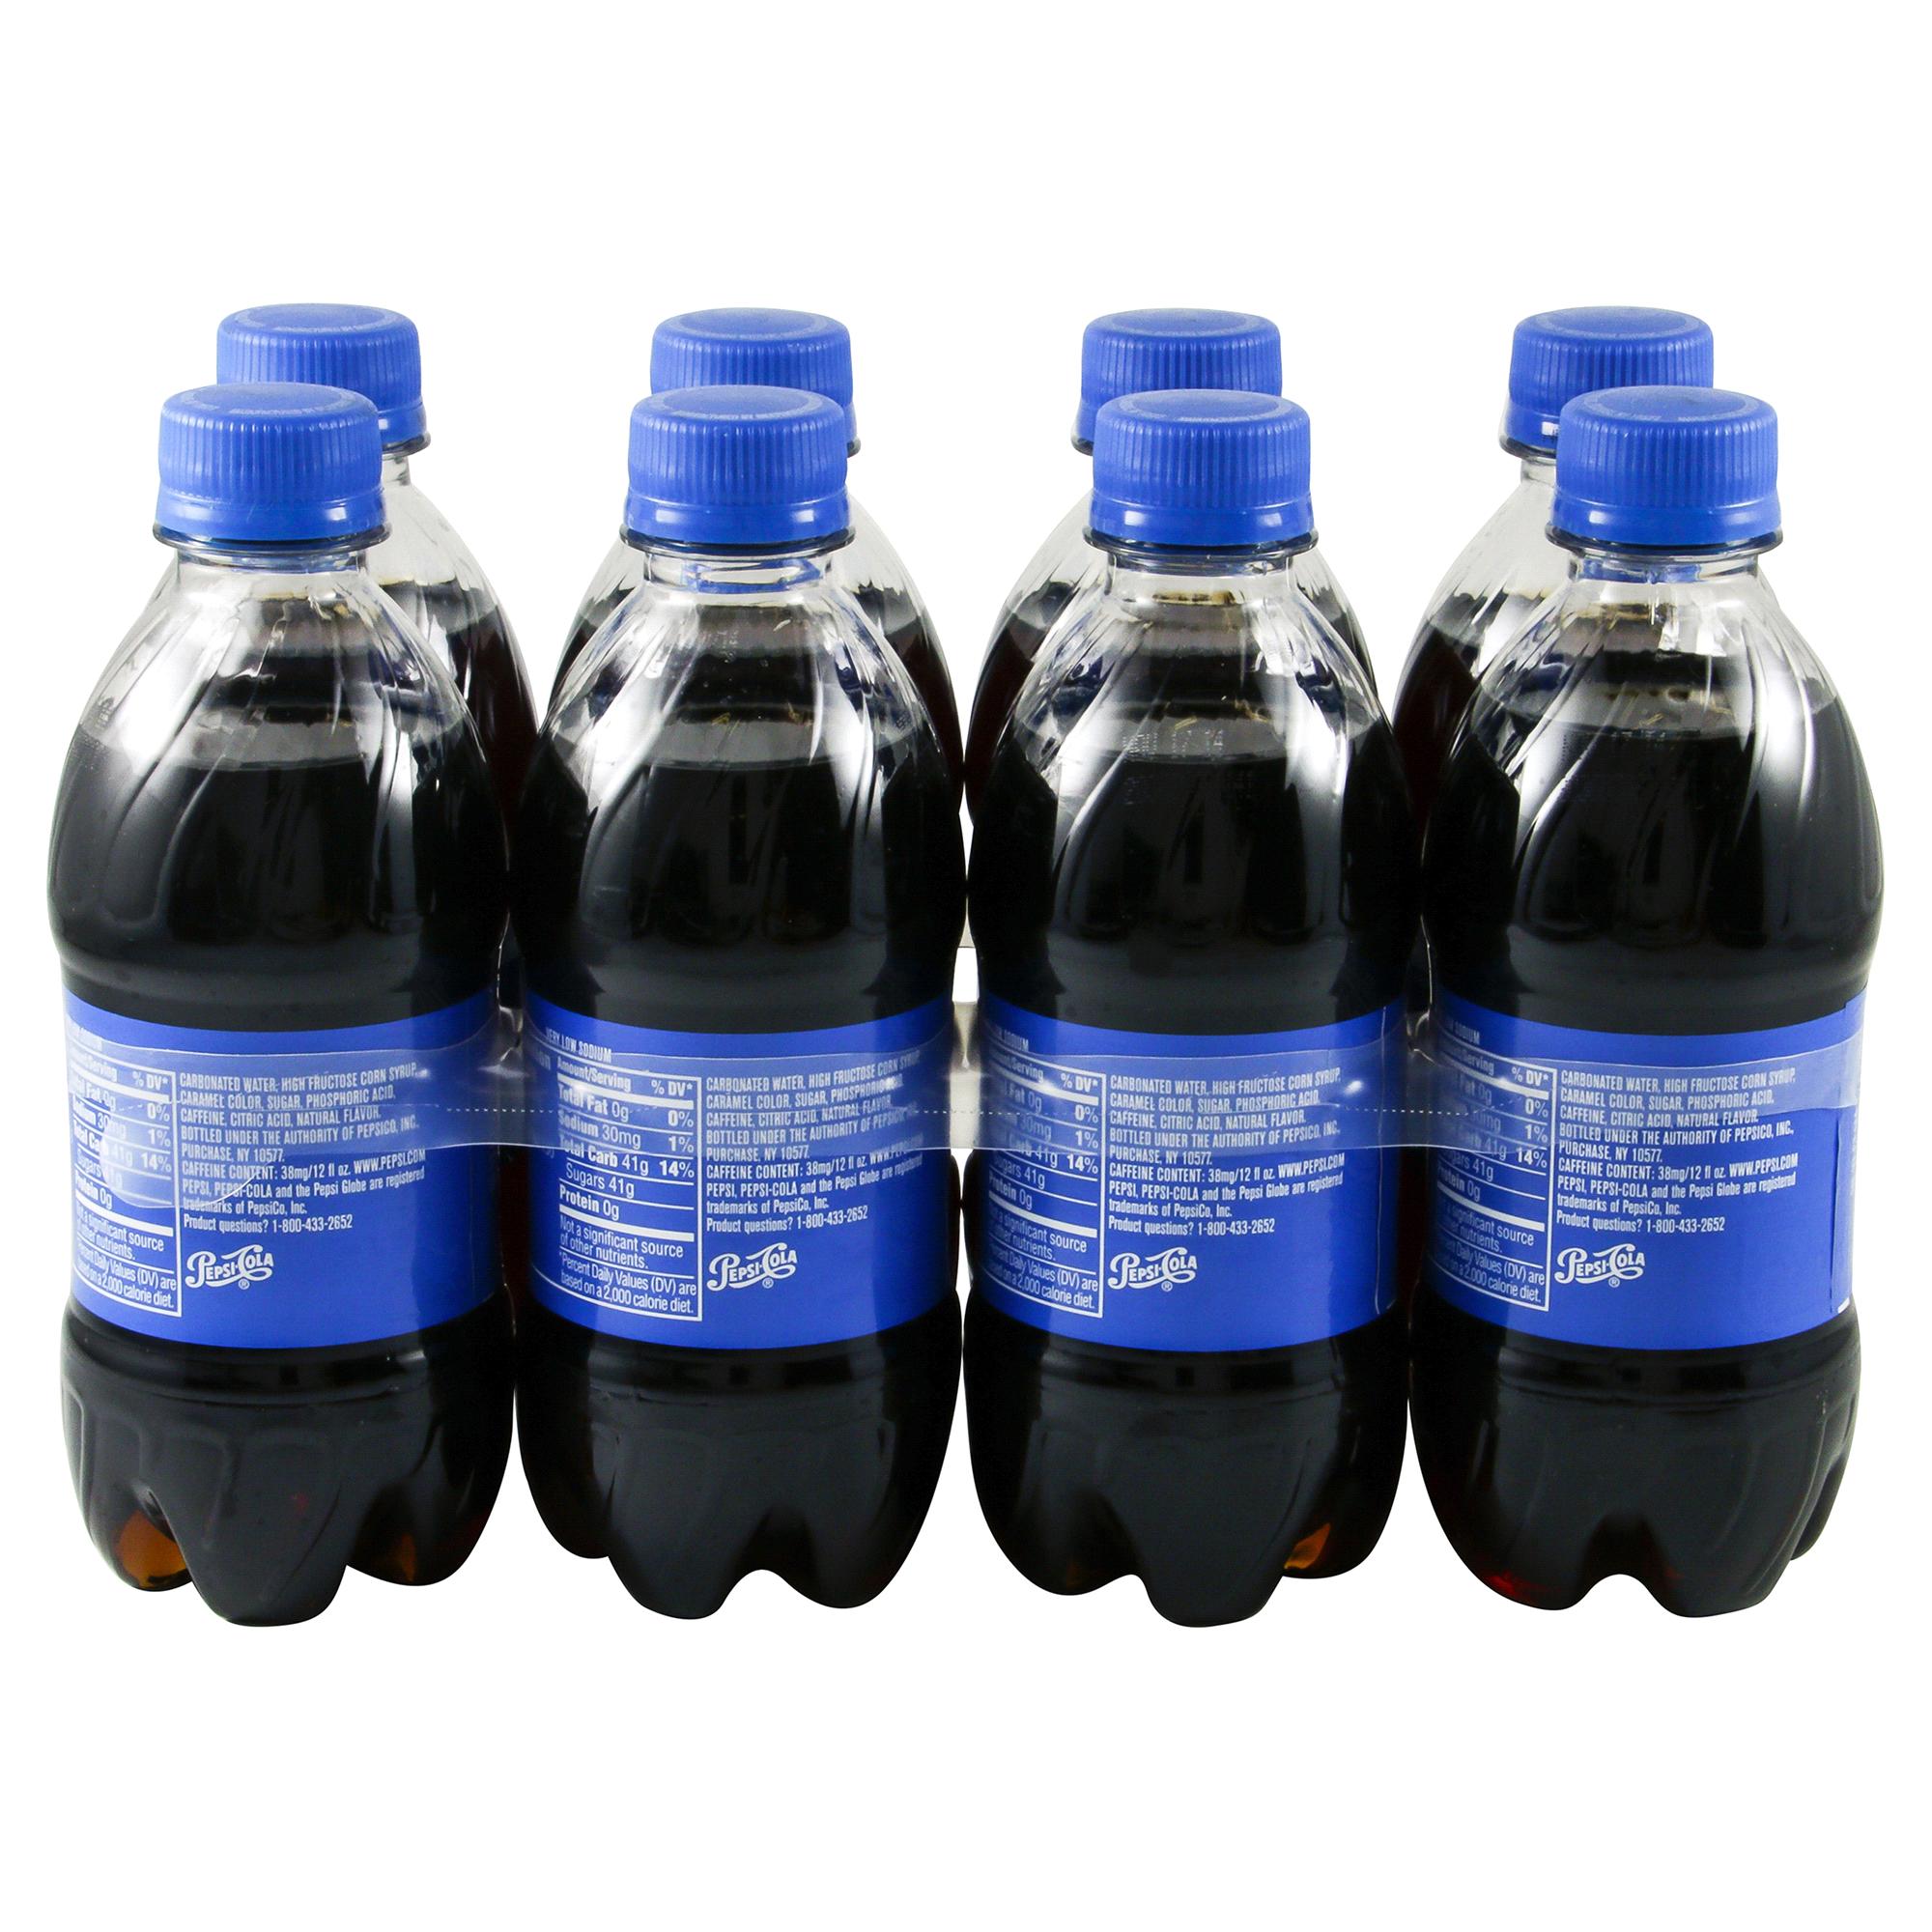 Pepsi 12 oz. 8 pk. plastic bottles | Meijer.com